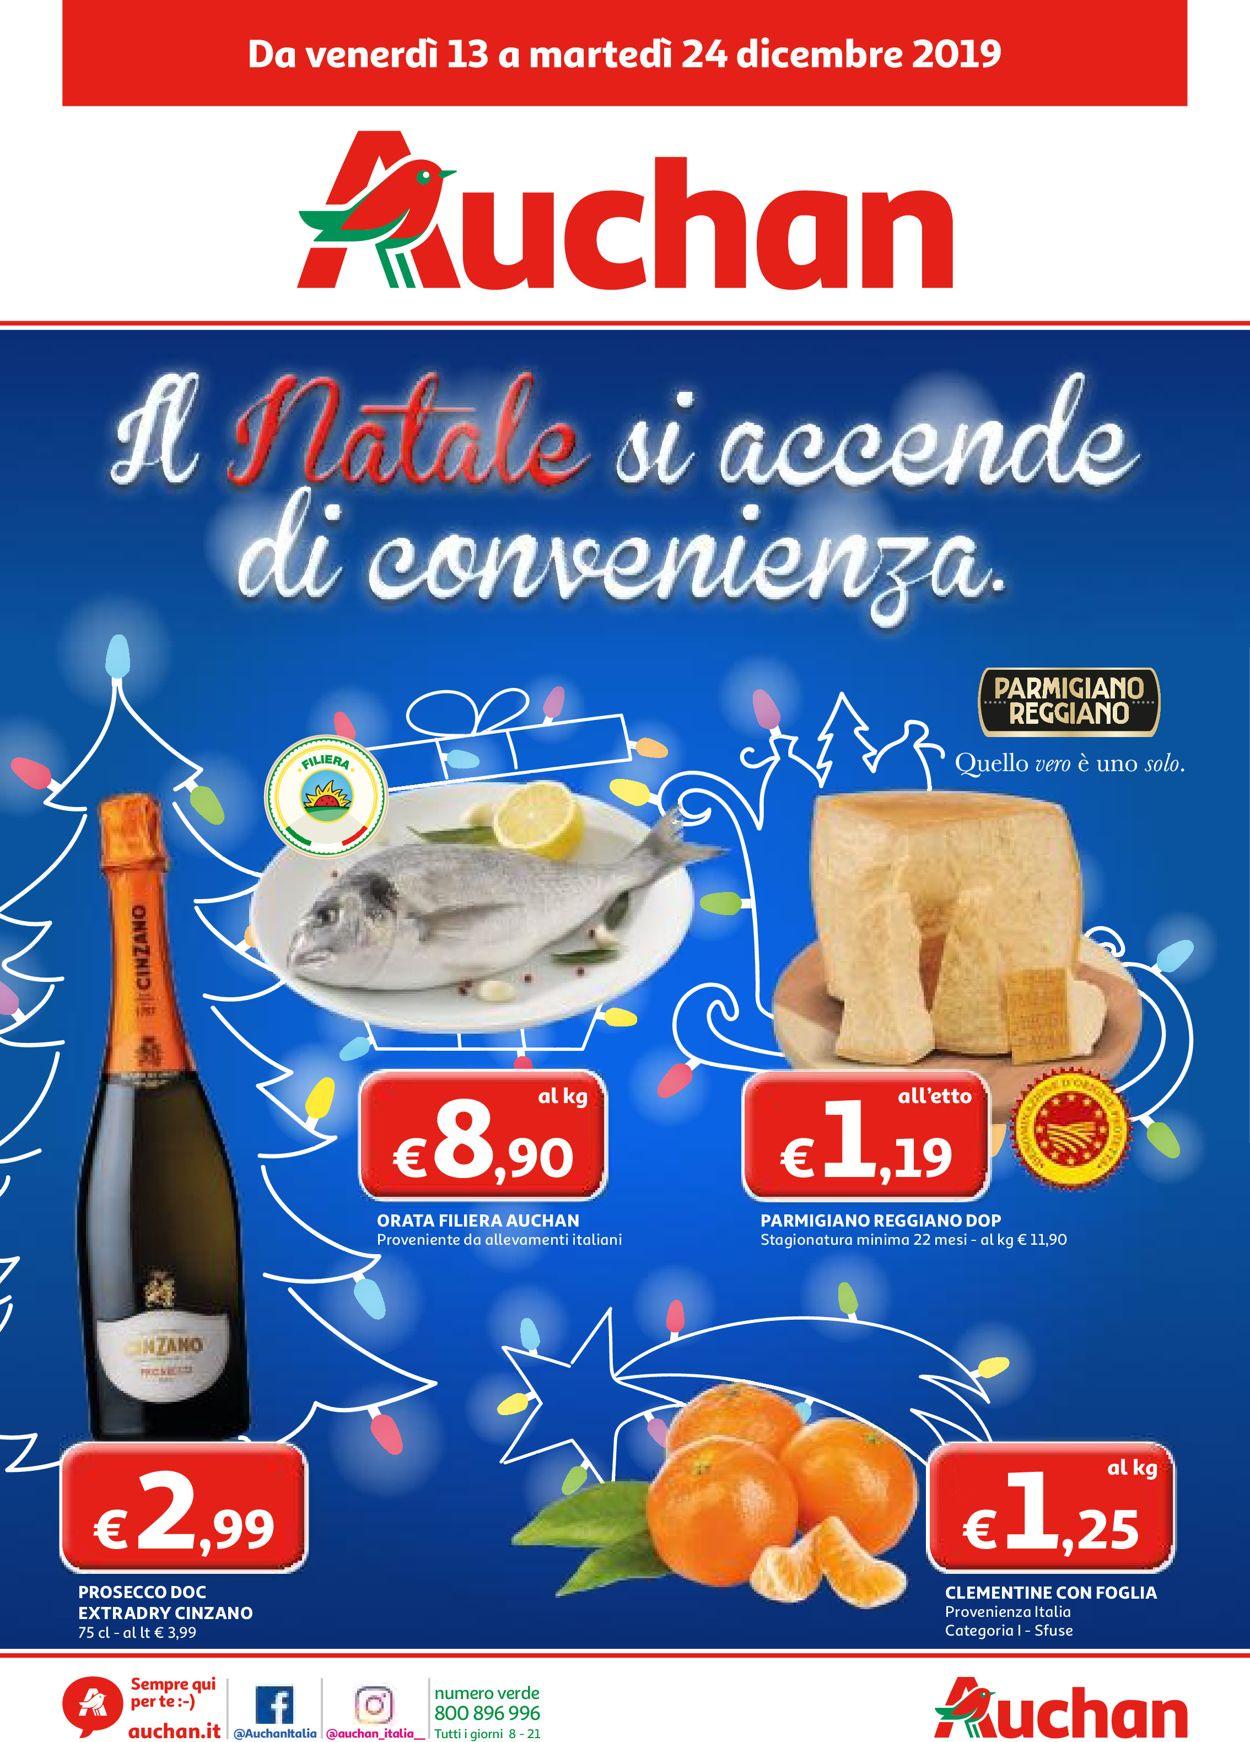 Volantino Il volantino natalizio di Auchan - Offerte 13/12-24/12/2019